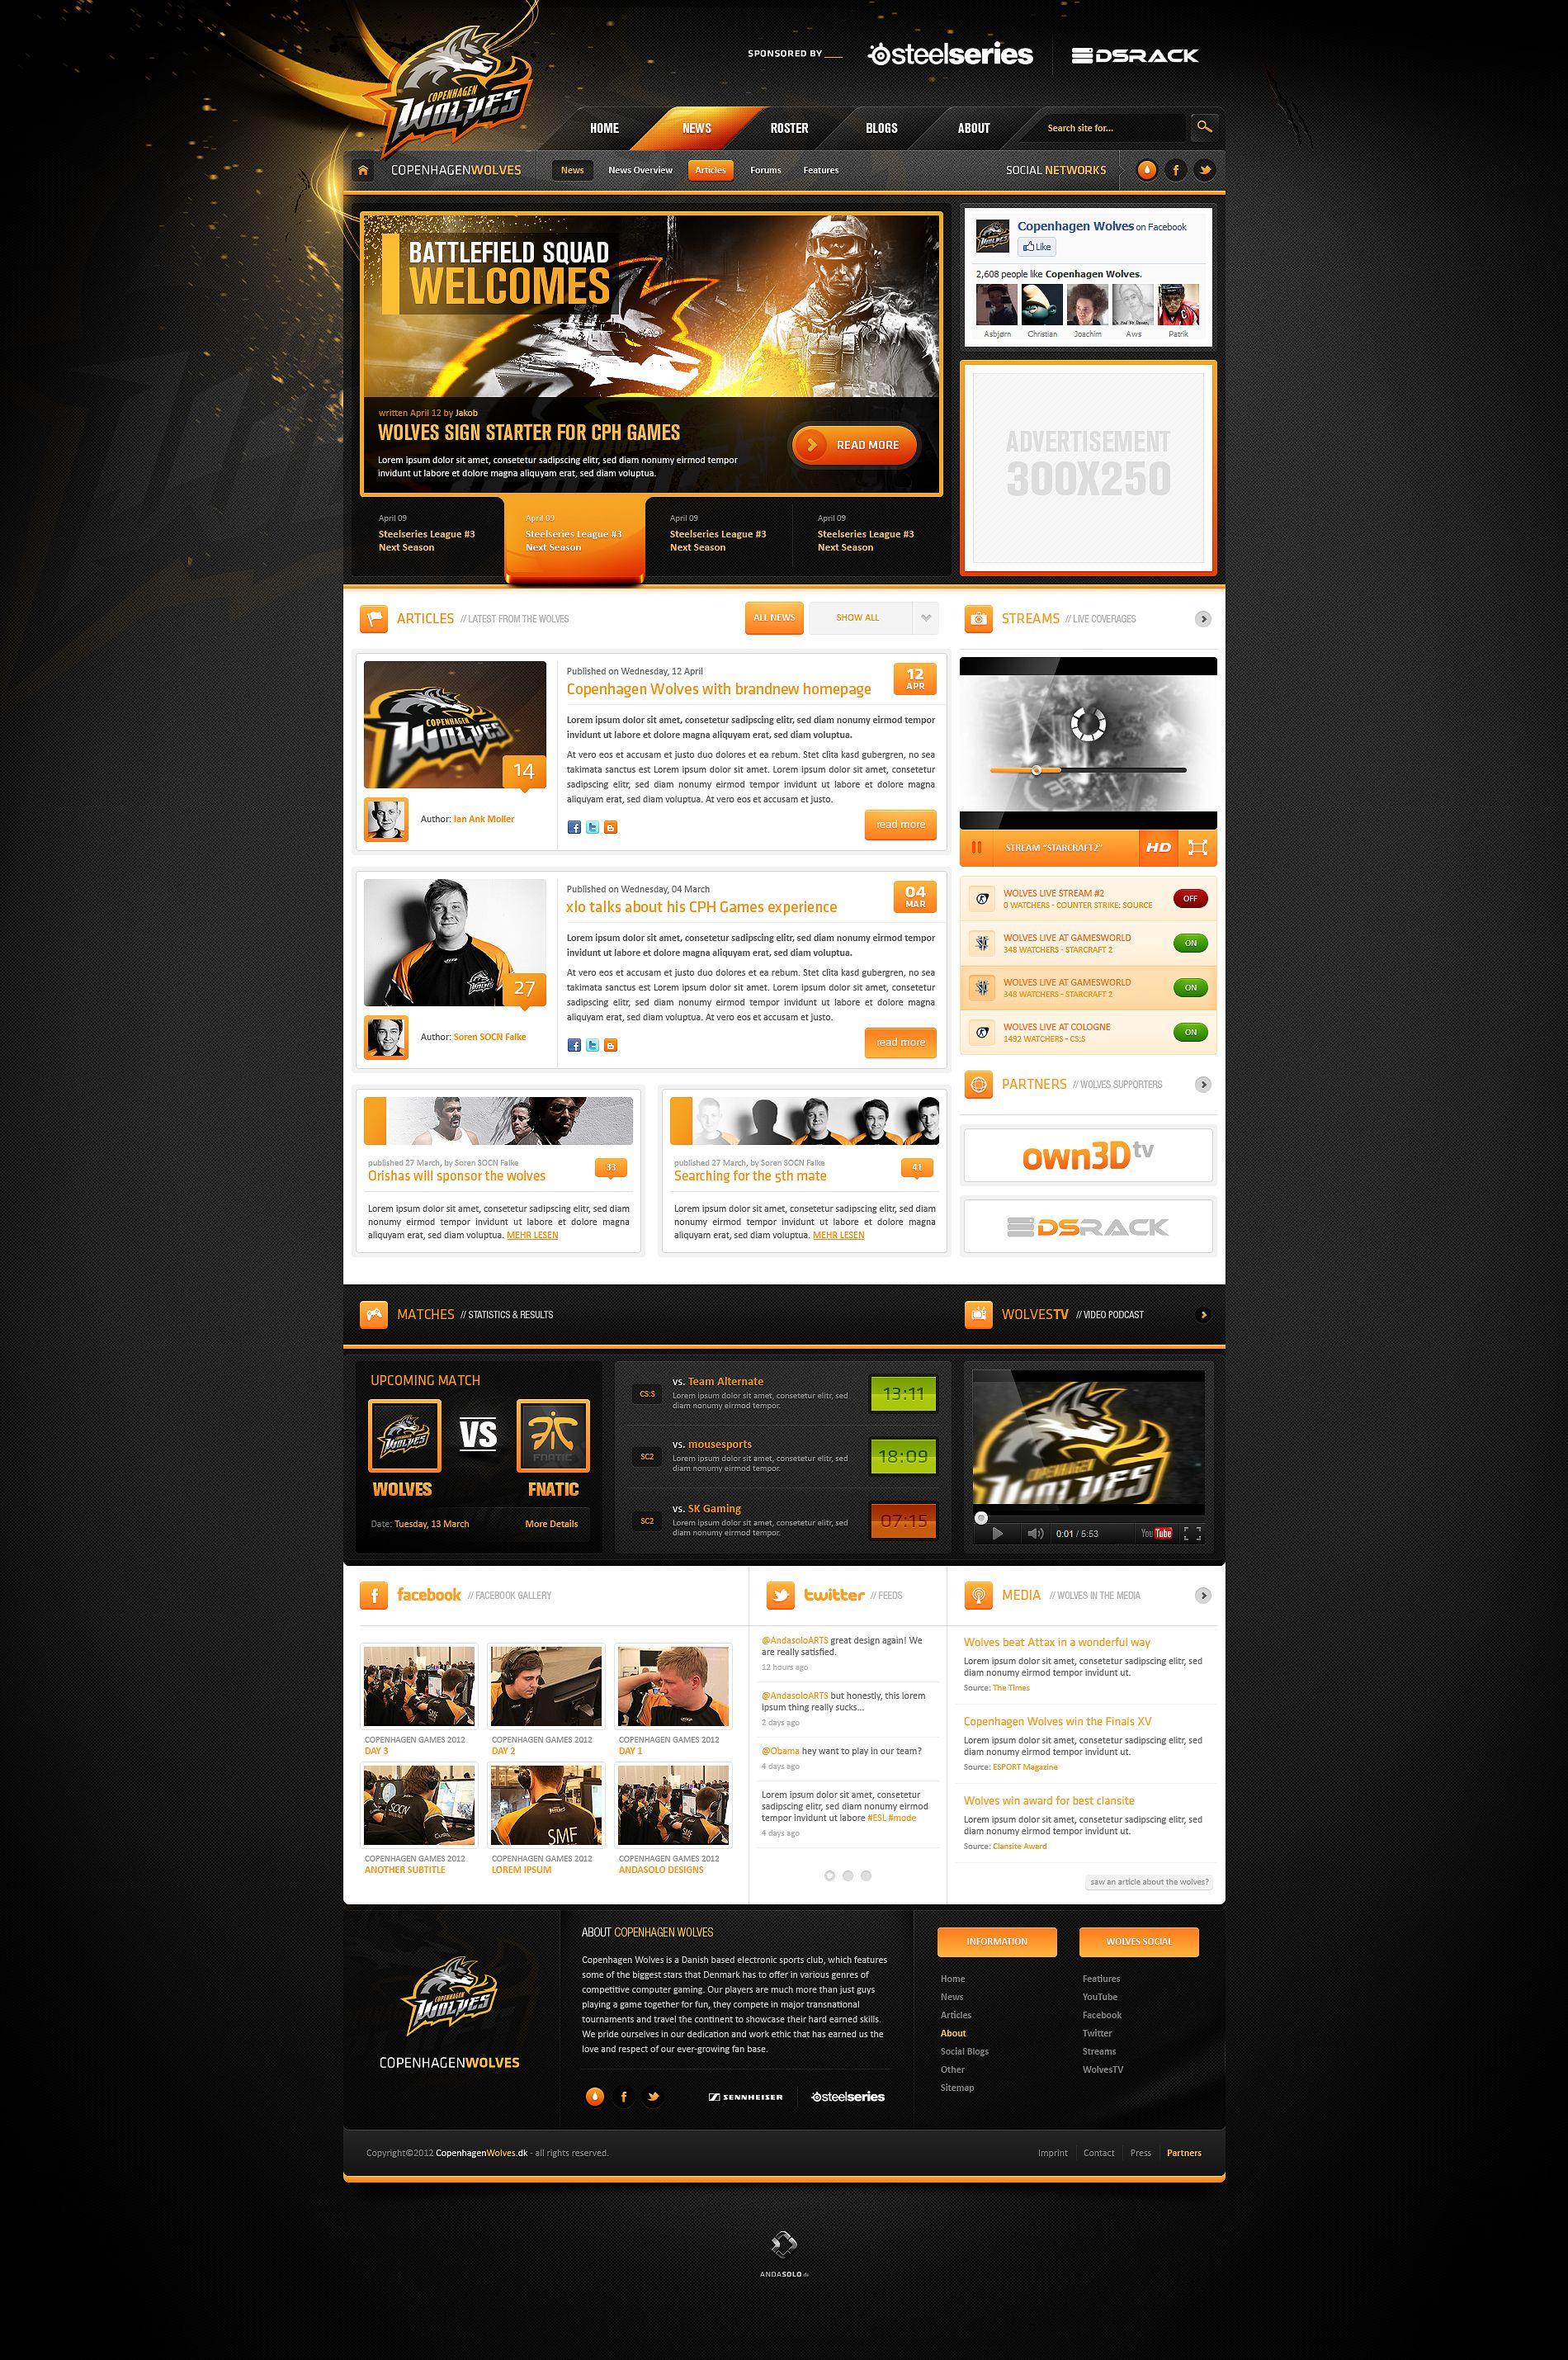 Copenhagen Wolves Web Design Design Course Web Design Inspiration